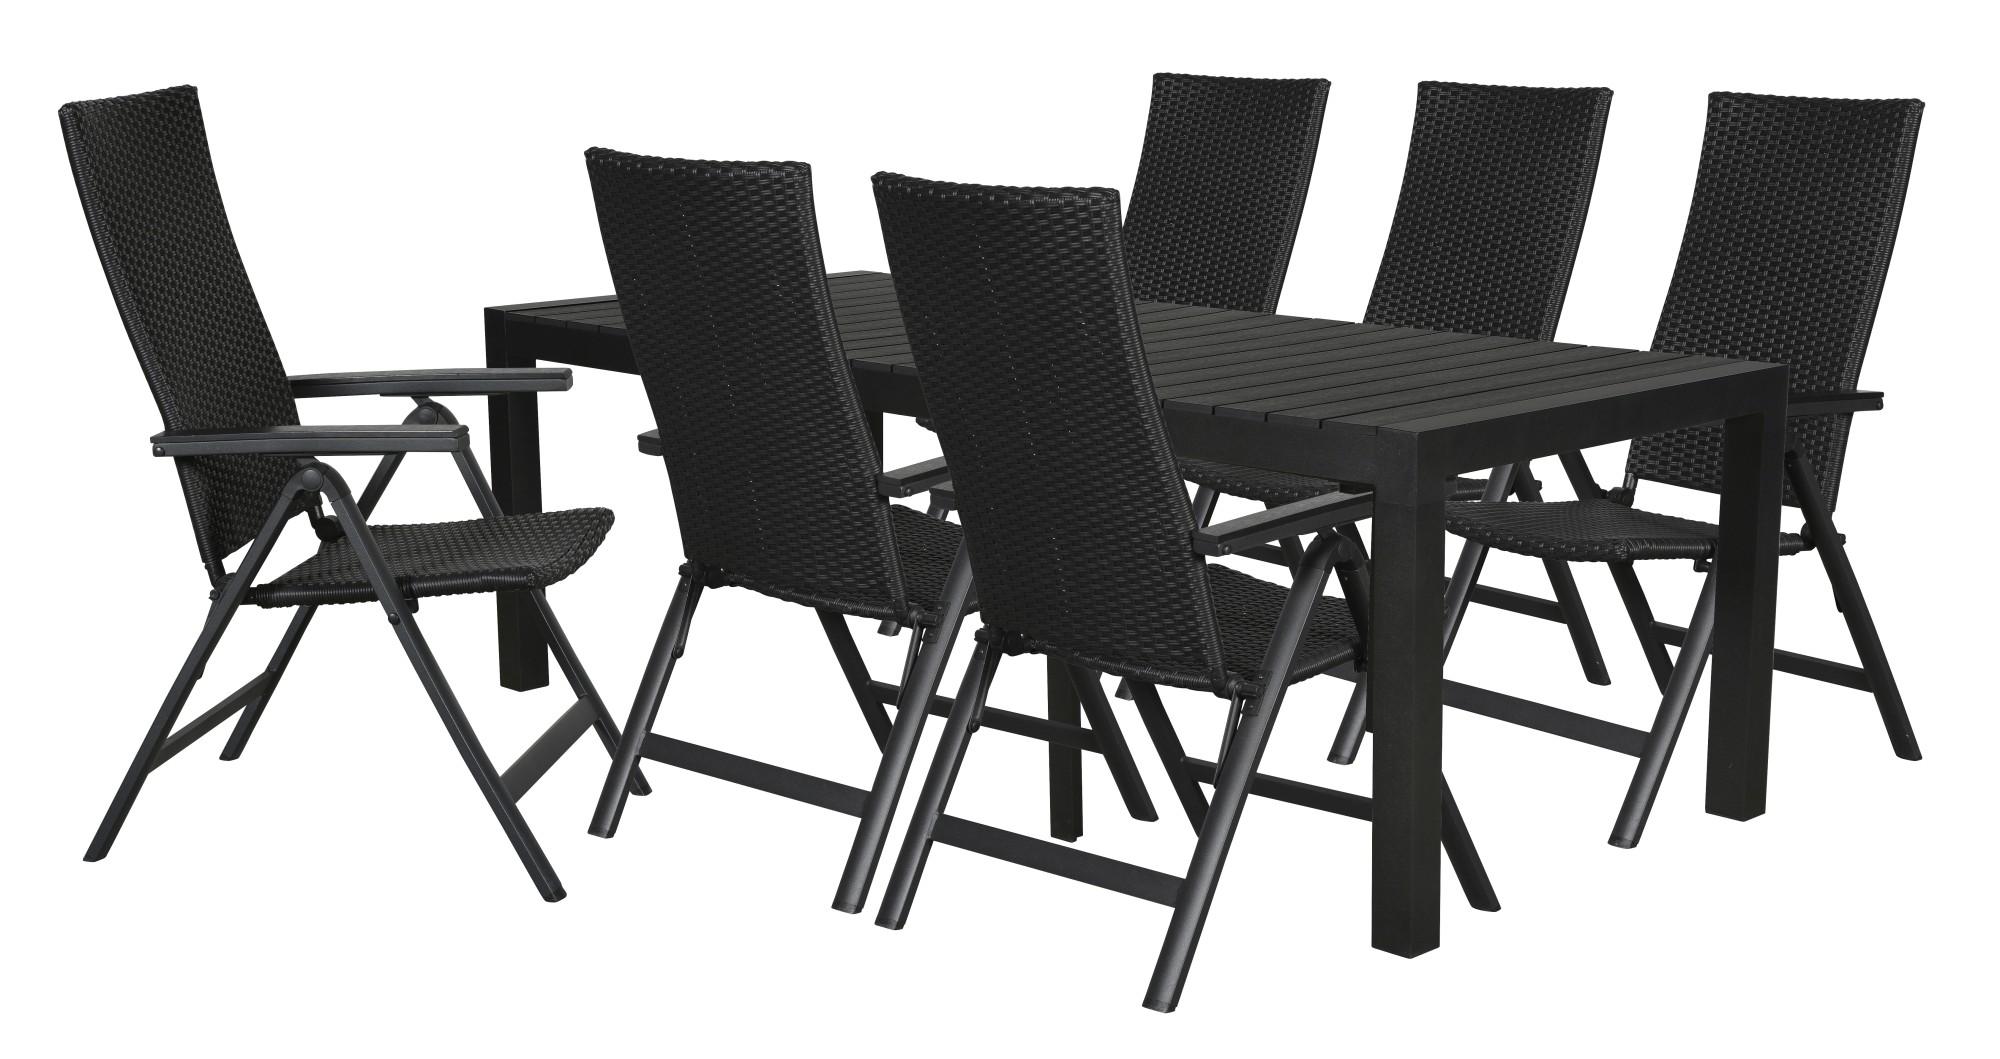 Full Size of Esstisch Stühle Esstische Massiv Kernbuche Mit Stühlen Industrial Designer Rustikaler Kolonialstil Glas Und Garten Stapelstühle Holz Esstischstühle Buche Esstische Esstisch Stühle